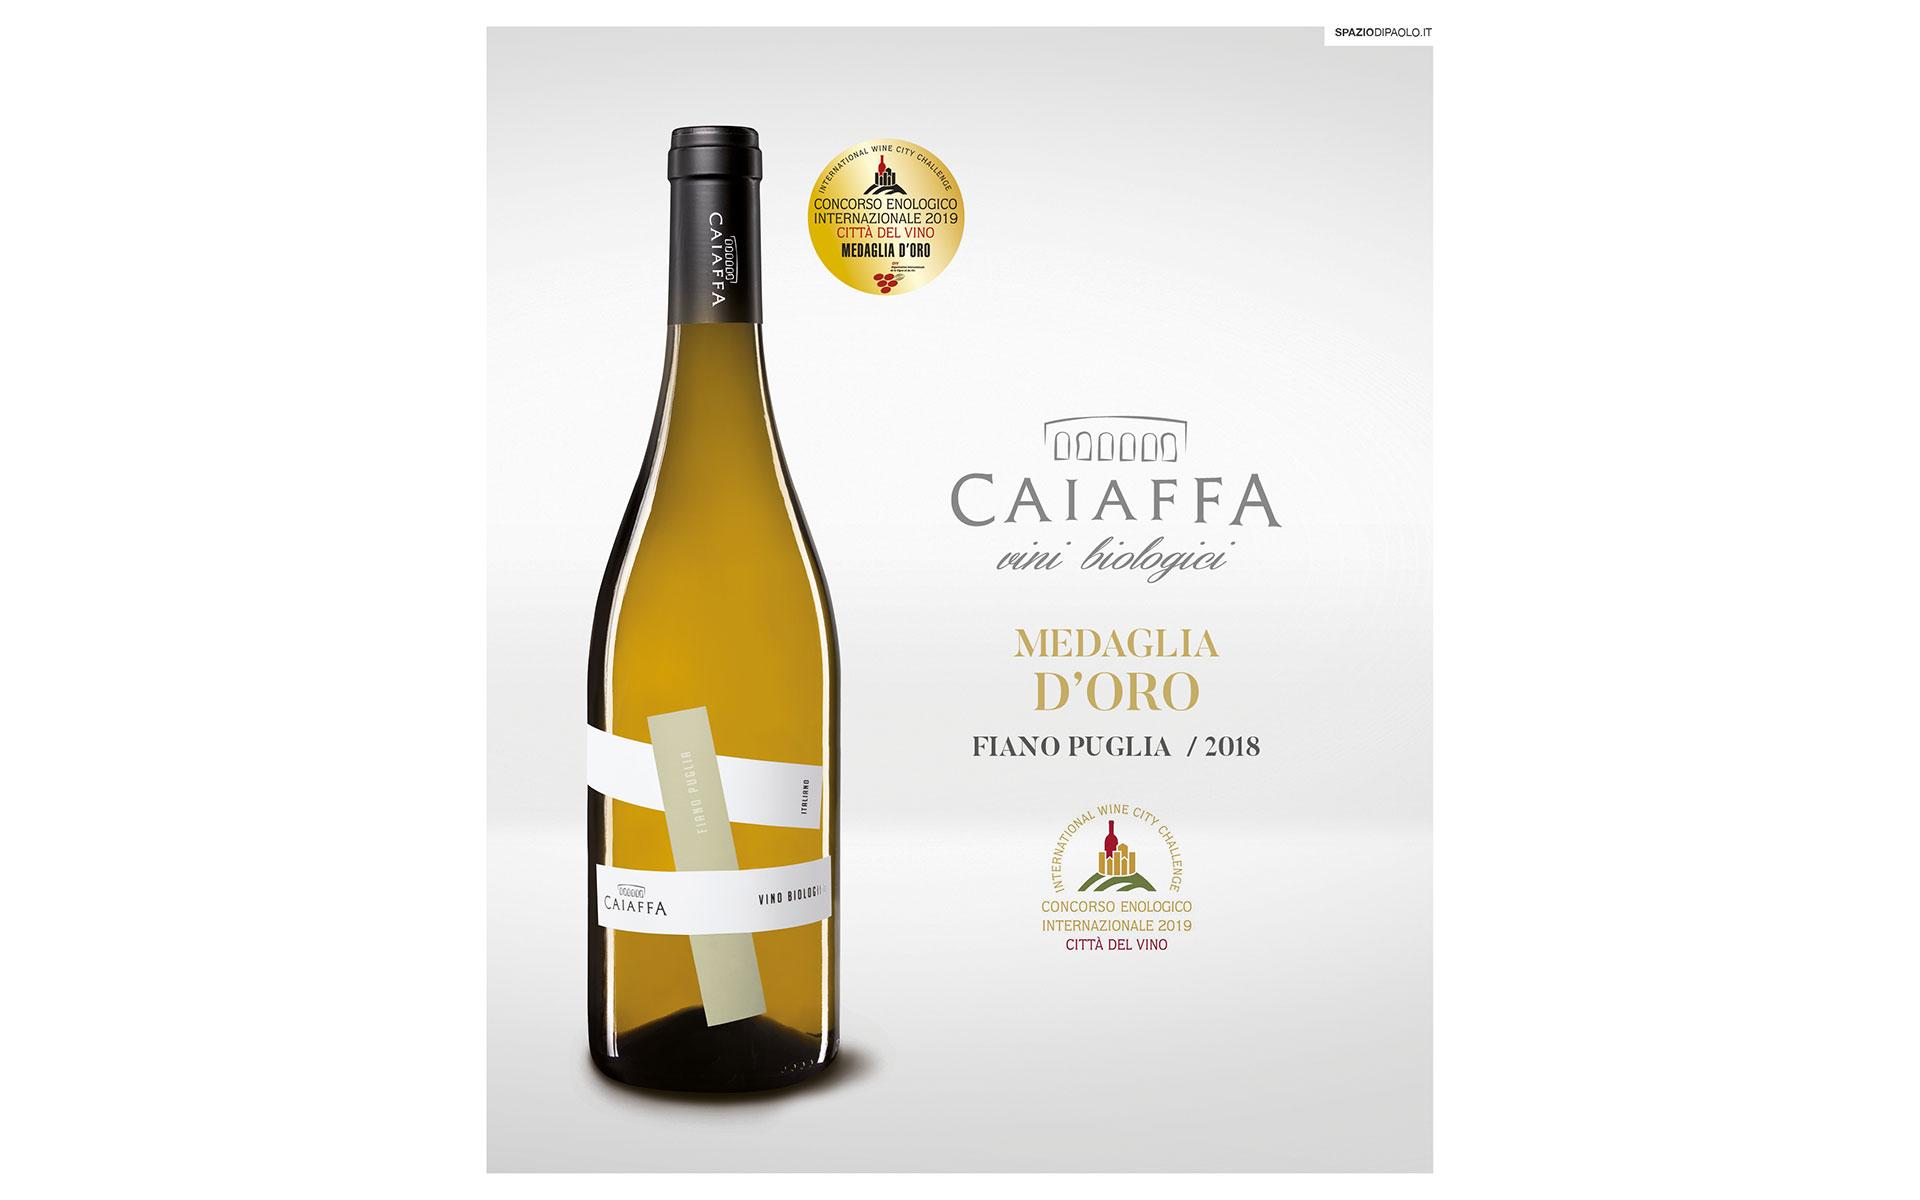 Città del vino 2019 – Medaglia d'oro